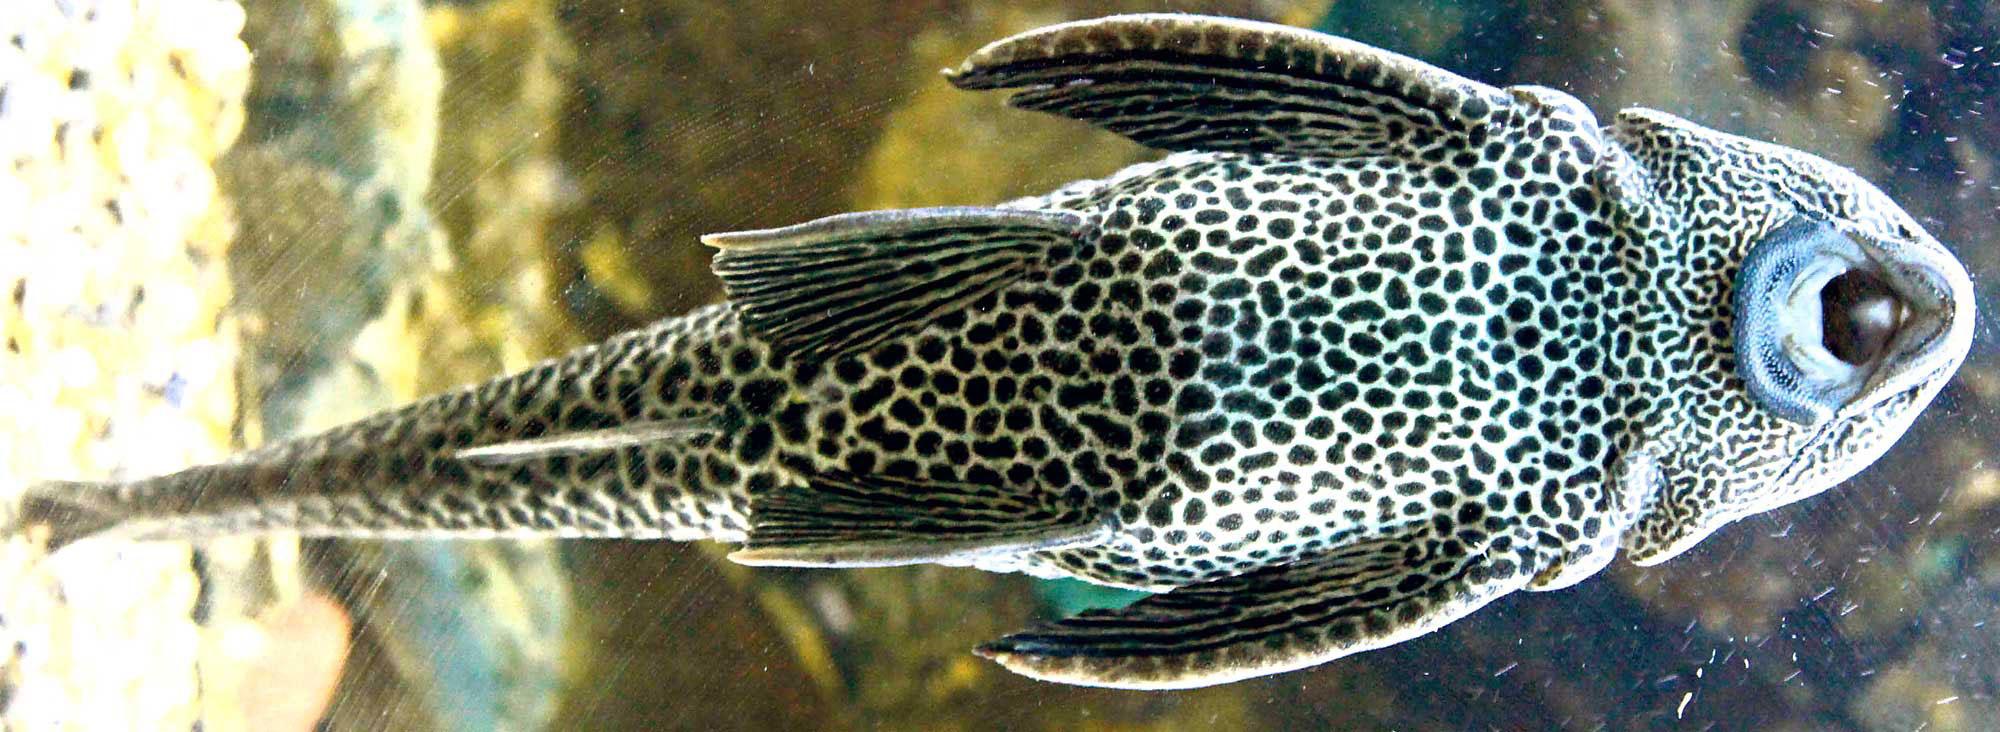 La riqueza de los r os en amenaza planeta el comercio for Especies de peces